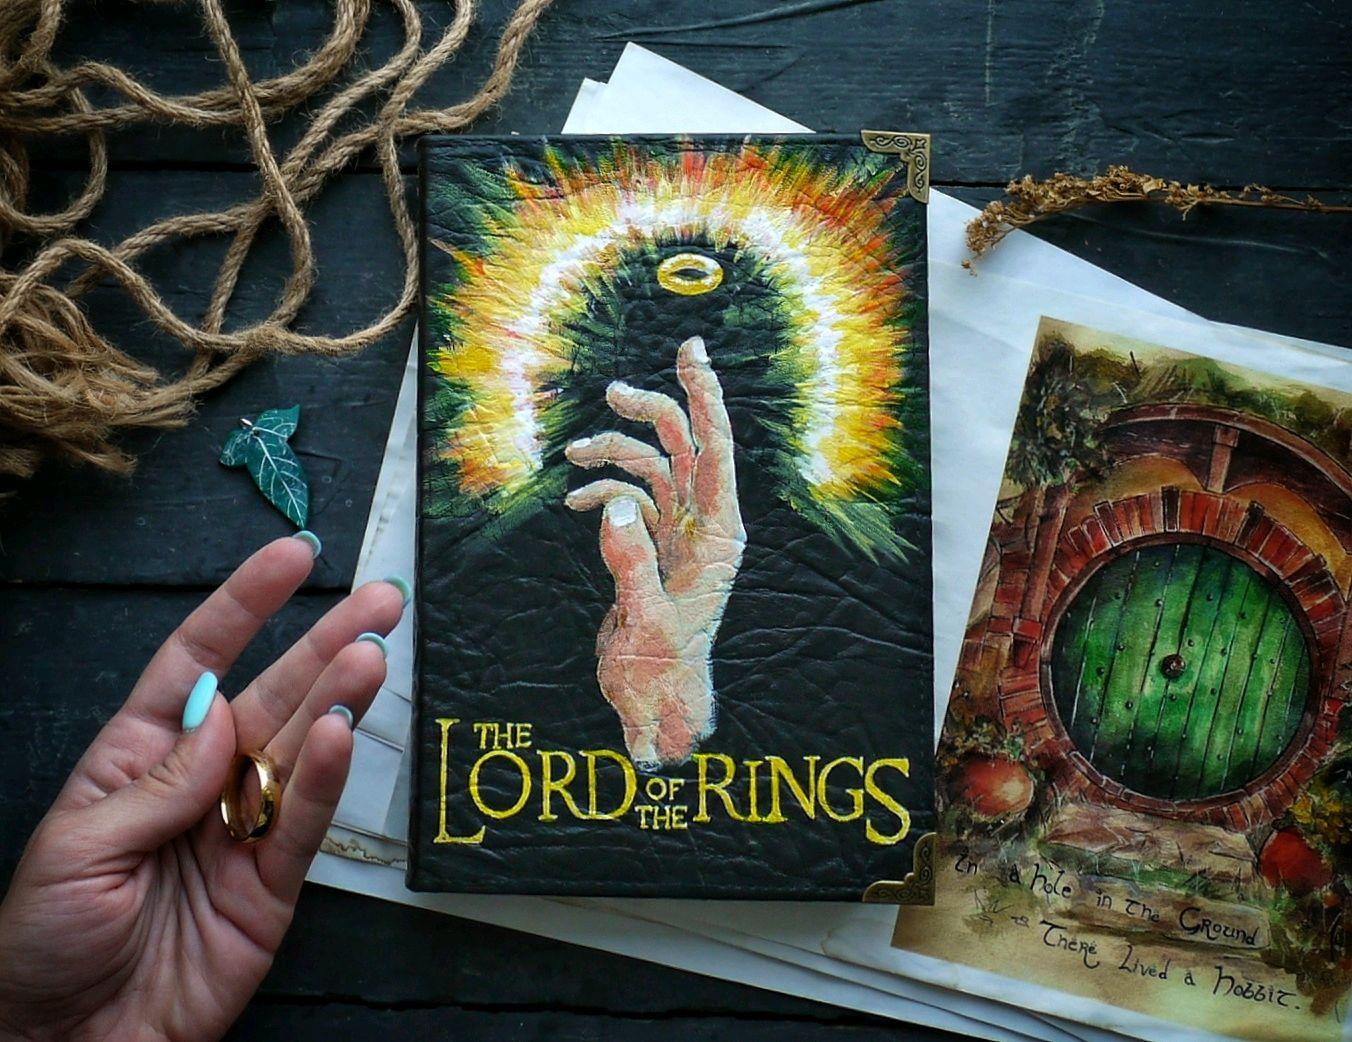 Блокнот «The Lord of The Rings» в стиле вселенной Властелина колец, Блокноты, Новосибирск,  Фото №1